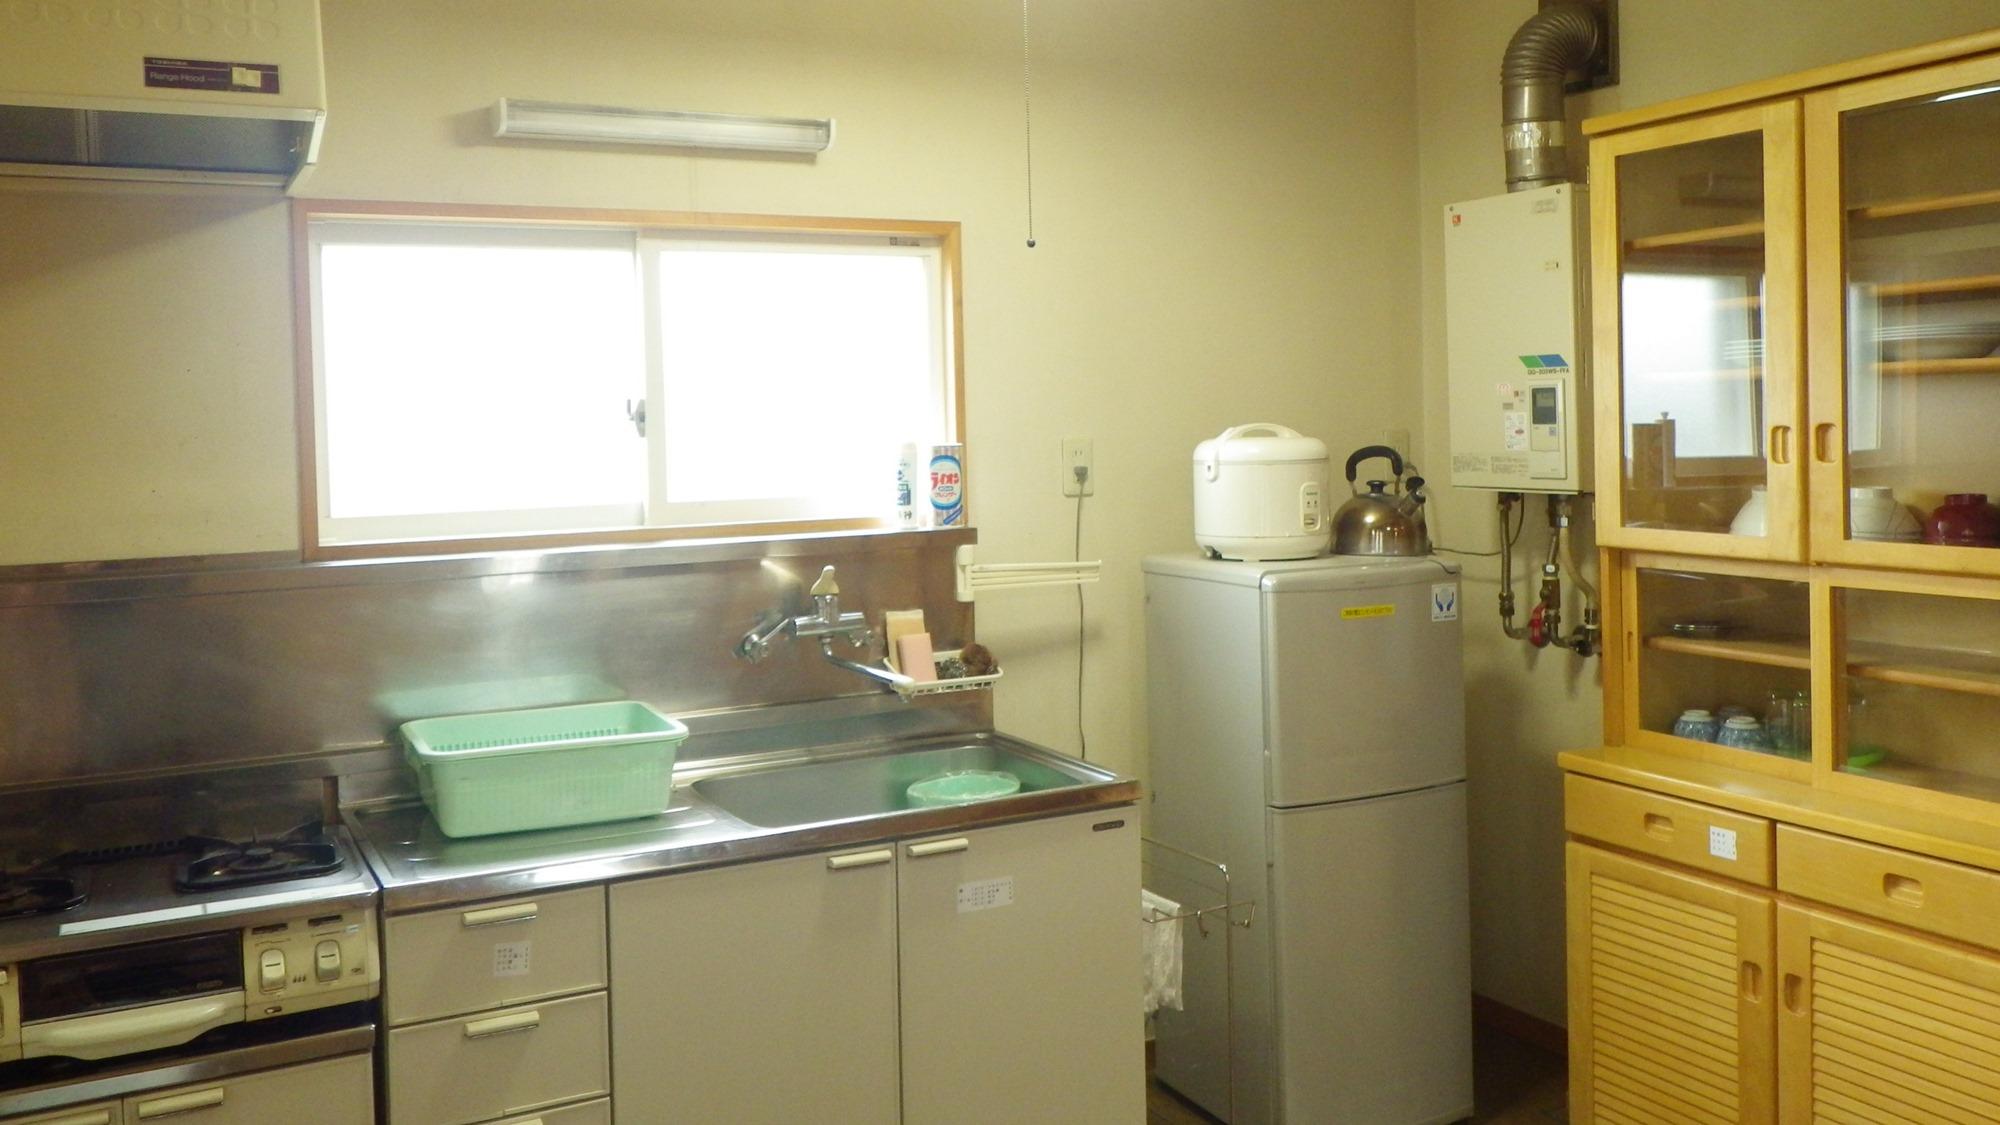 *コテージ4人棟一例/気軽な滞在に便利なミニキッチン付き。